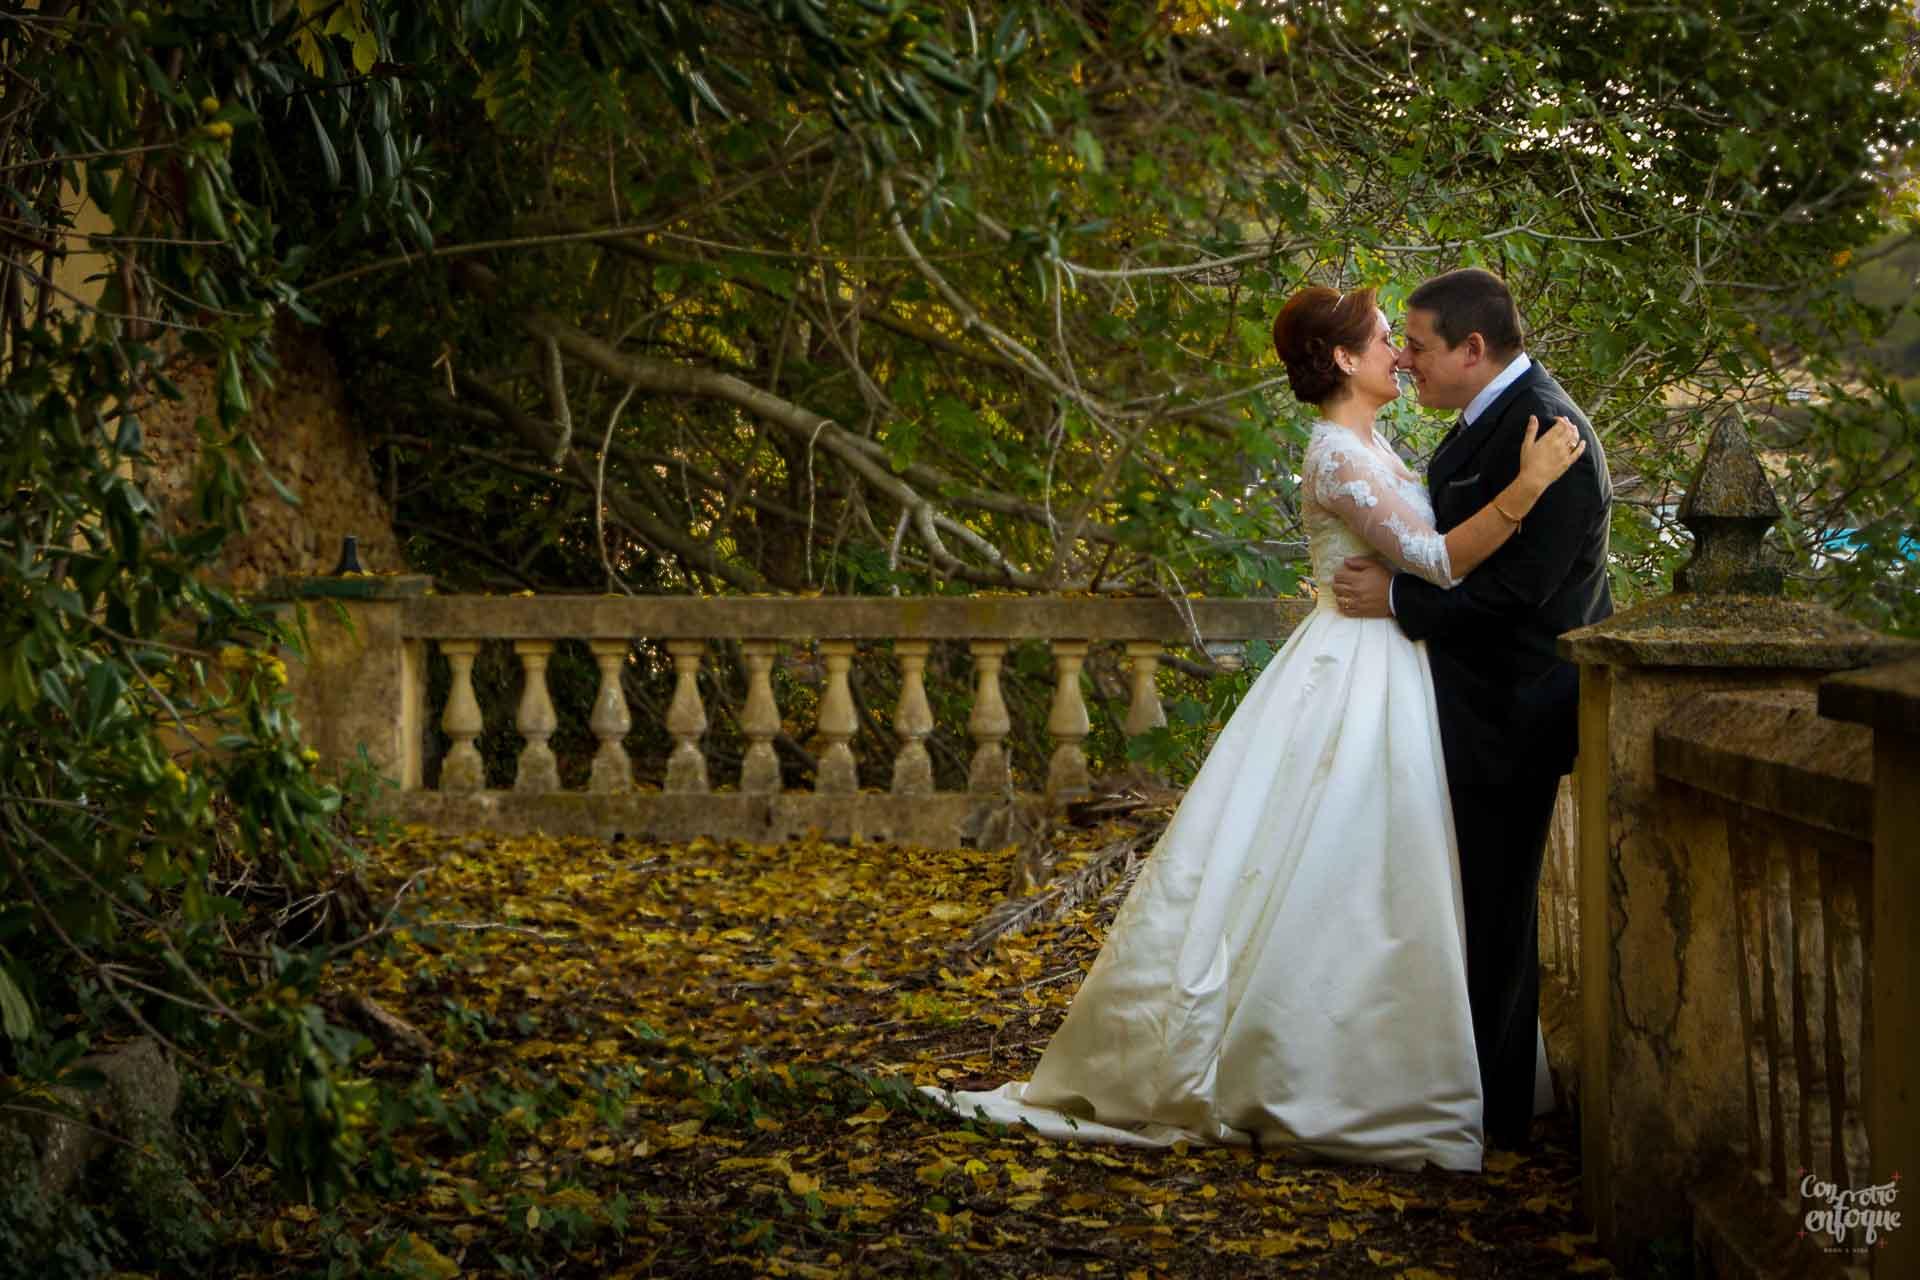 tu boda en otoño boda aire libre Carcaixent Algemesí Monasterio Aigues Vives Aguas Vivas Boda otoño Valencia Spain autumn love weddingday